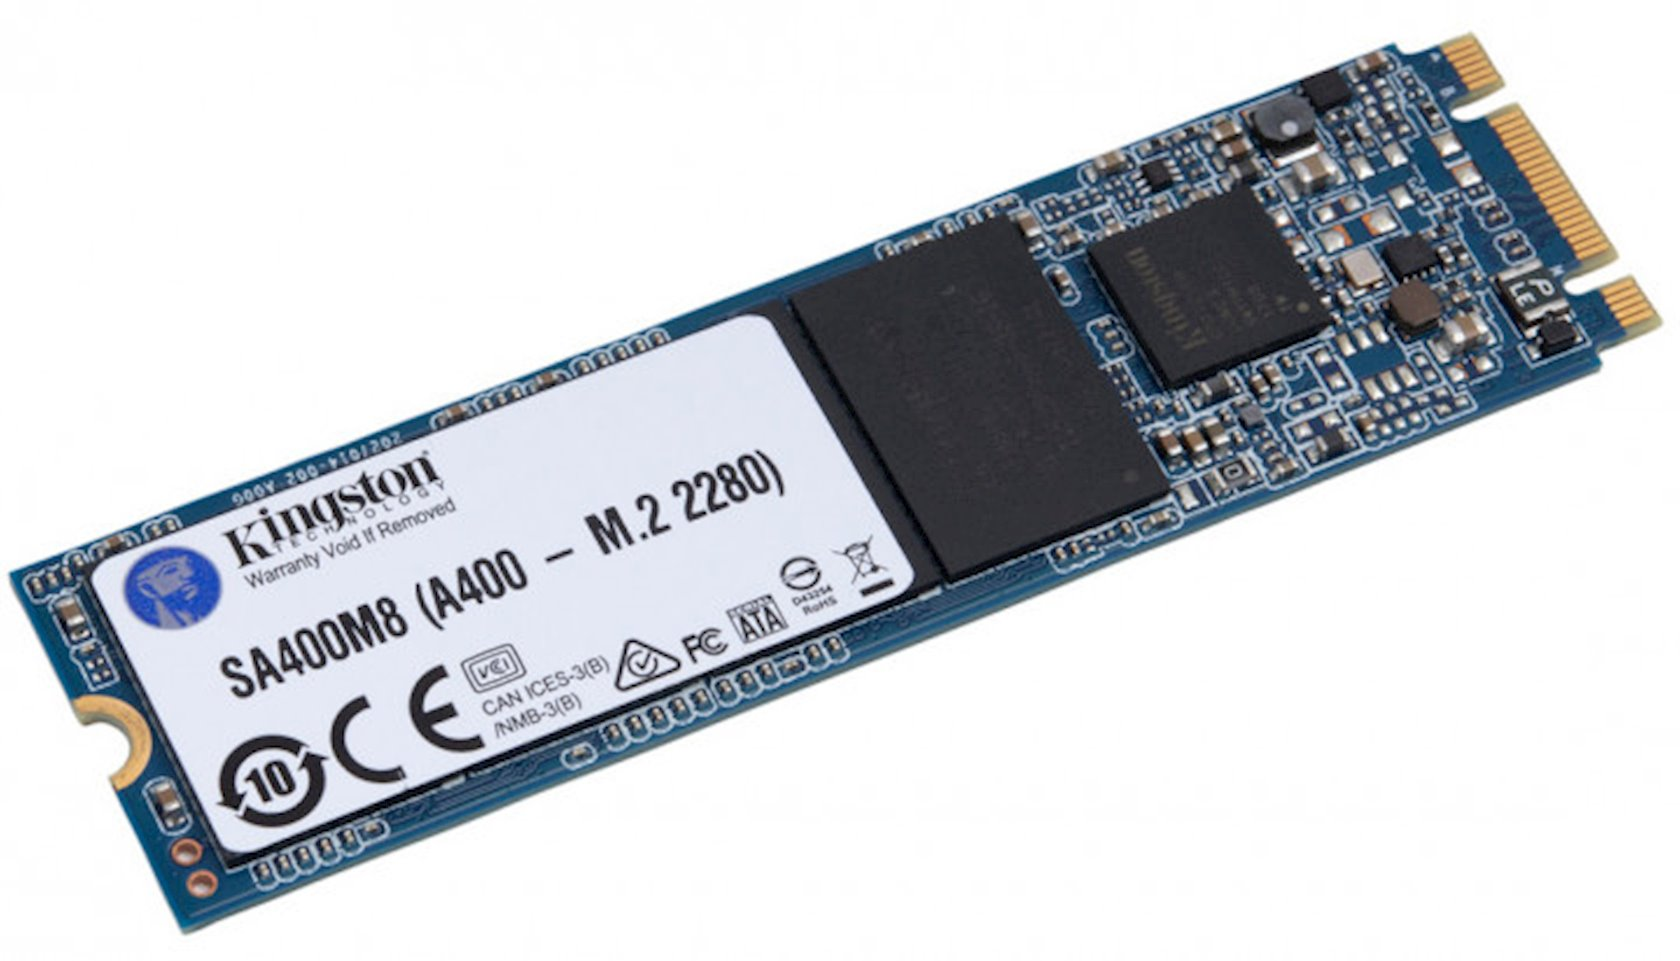 Disk SSD Kingston 240G SSDNOW A400 M.2 2280 SSD